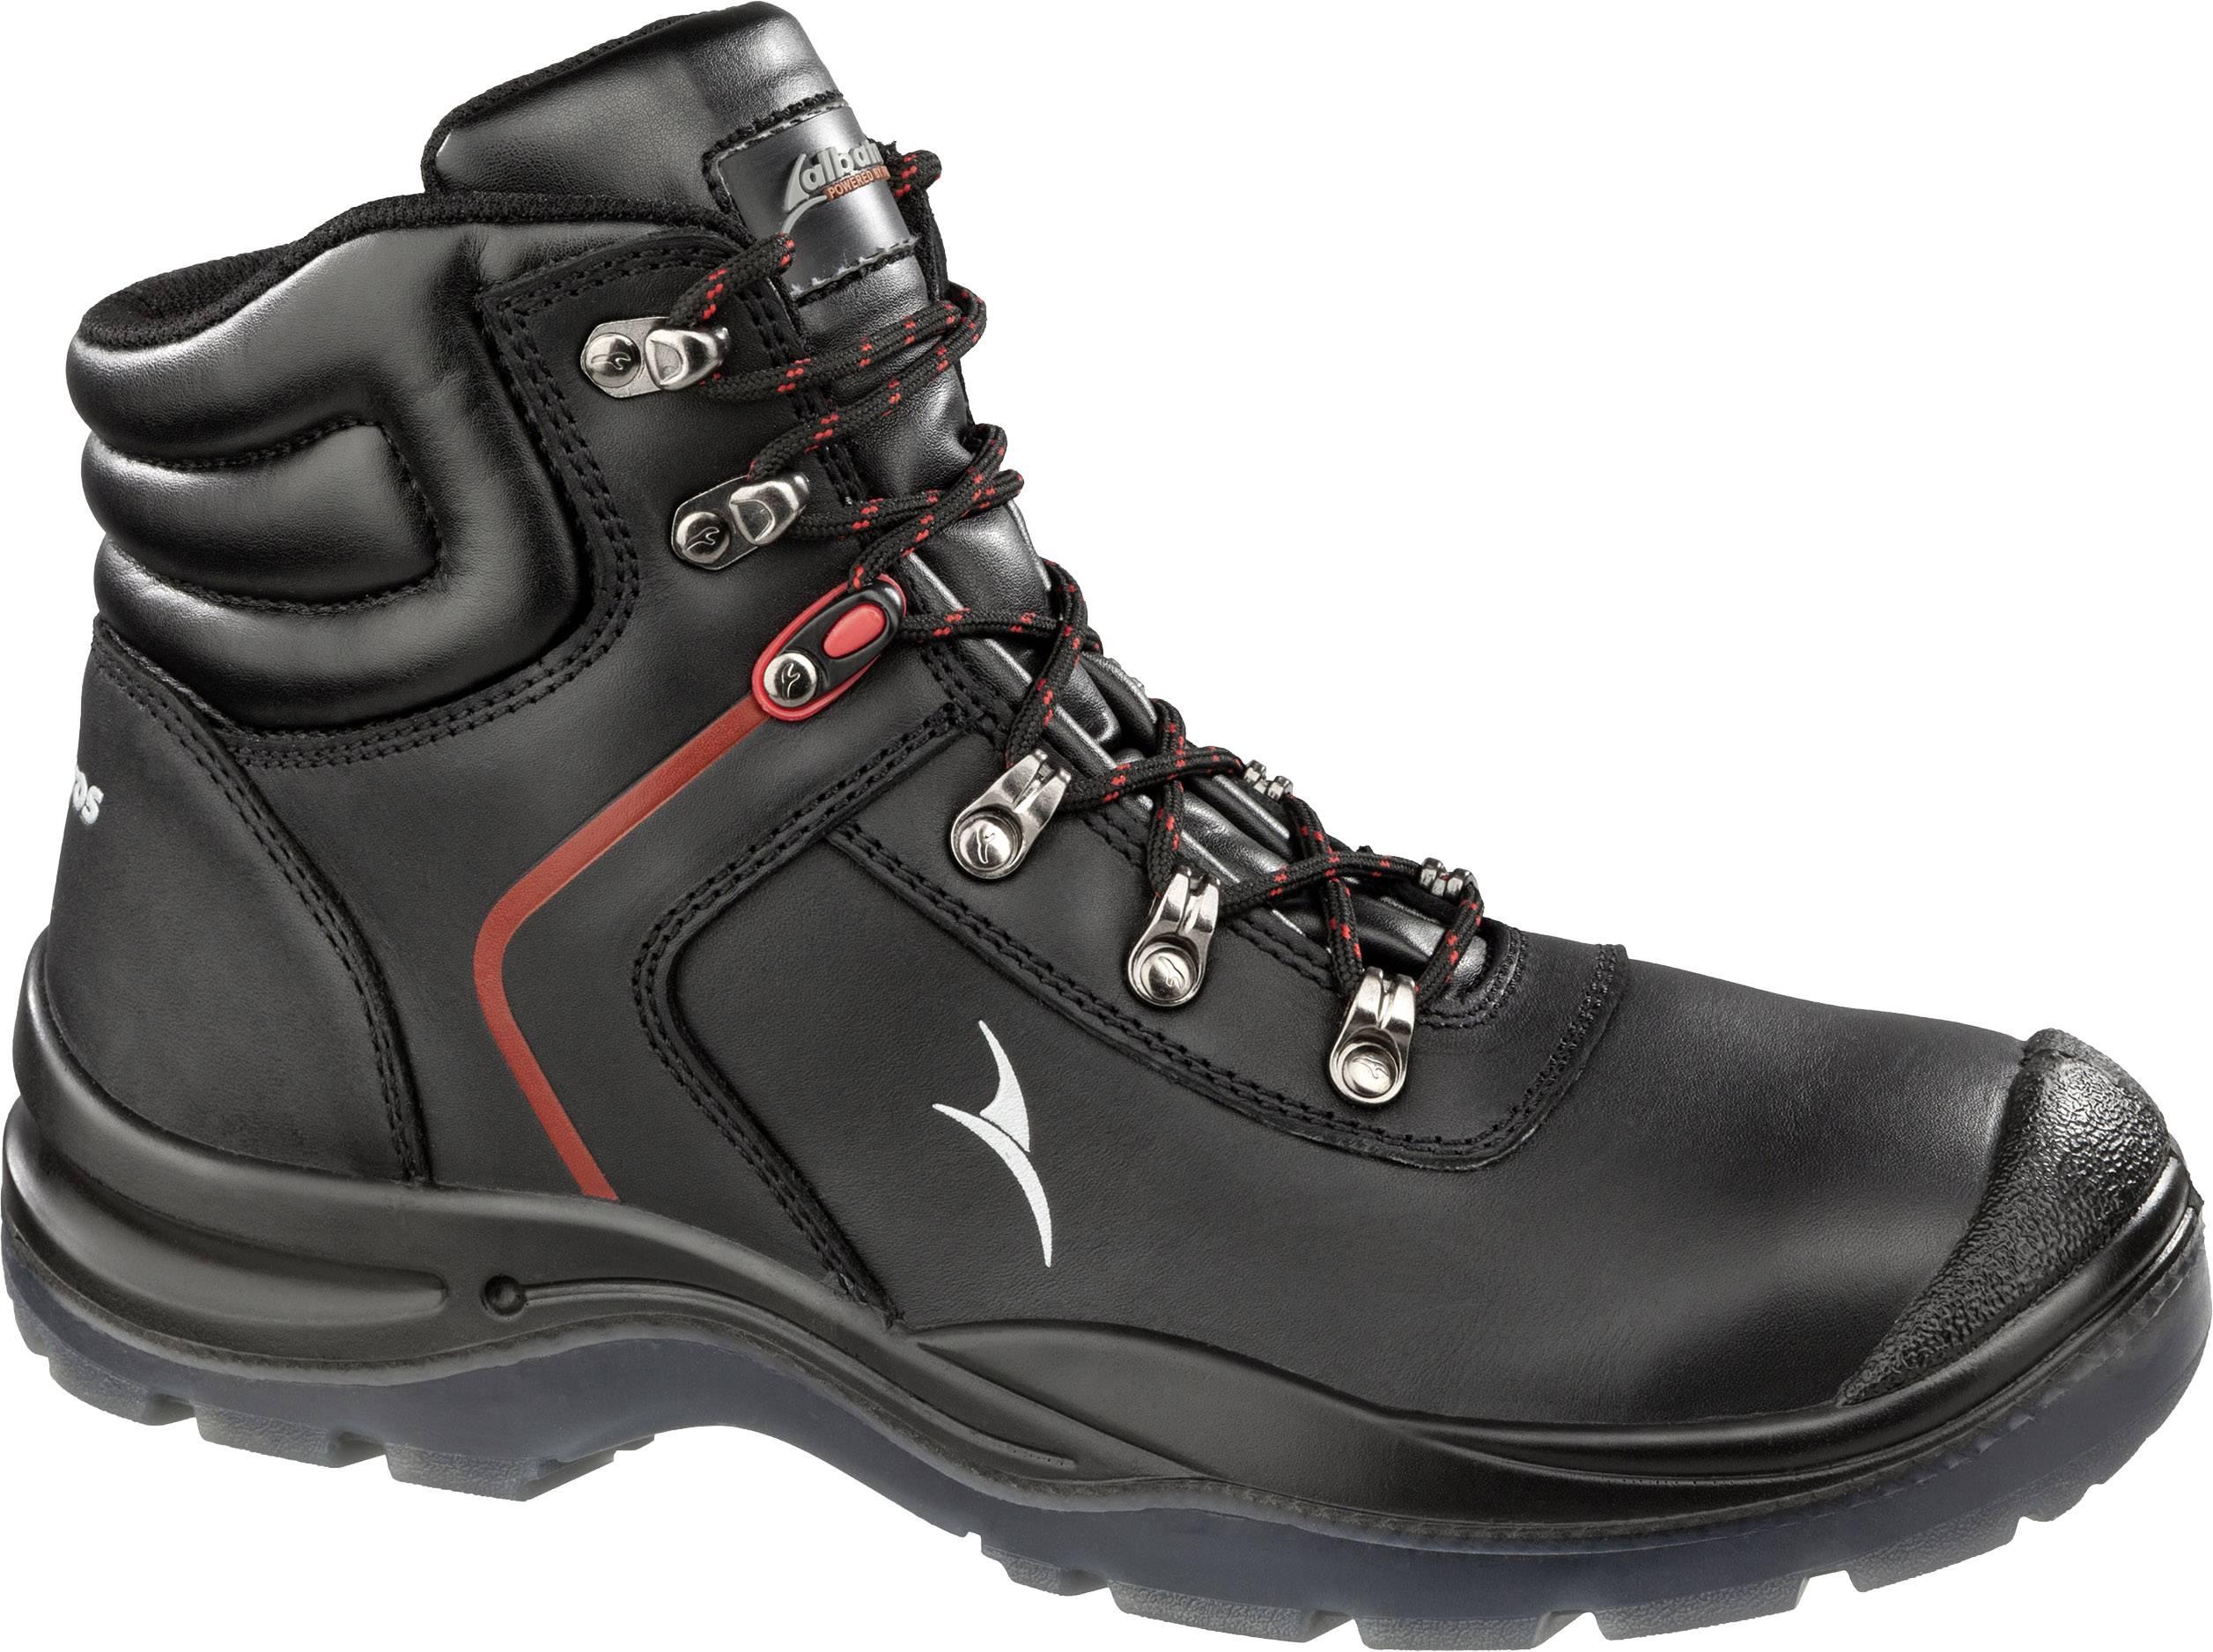 Bezpečnostná pracovná obuv S3 ,veľ. 44 Albatros 631080 1 pár